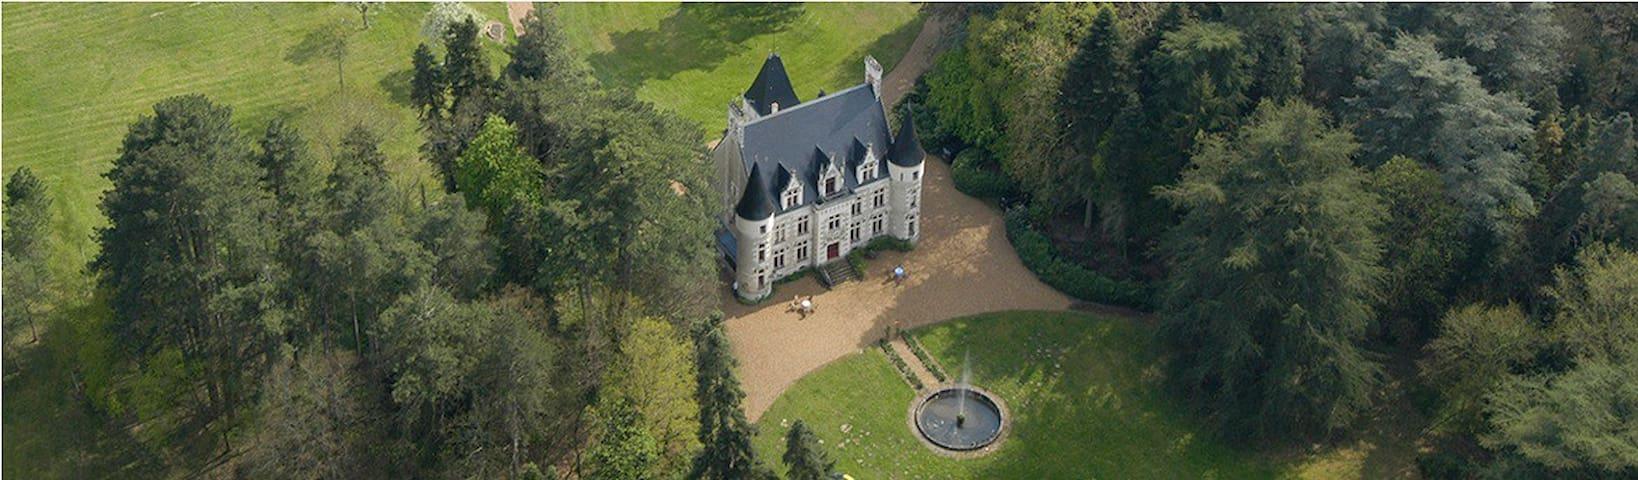 Overnachten in Frankrijk Château Le Grand Biard - Cère-la-Ronde - Bed & Breakfast